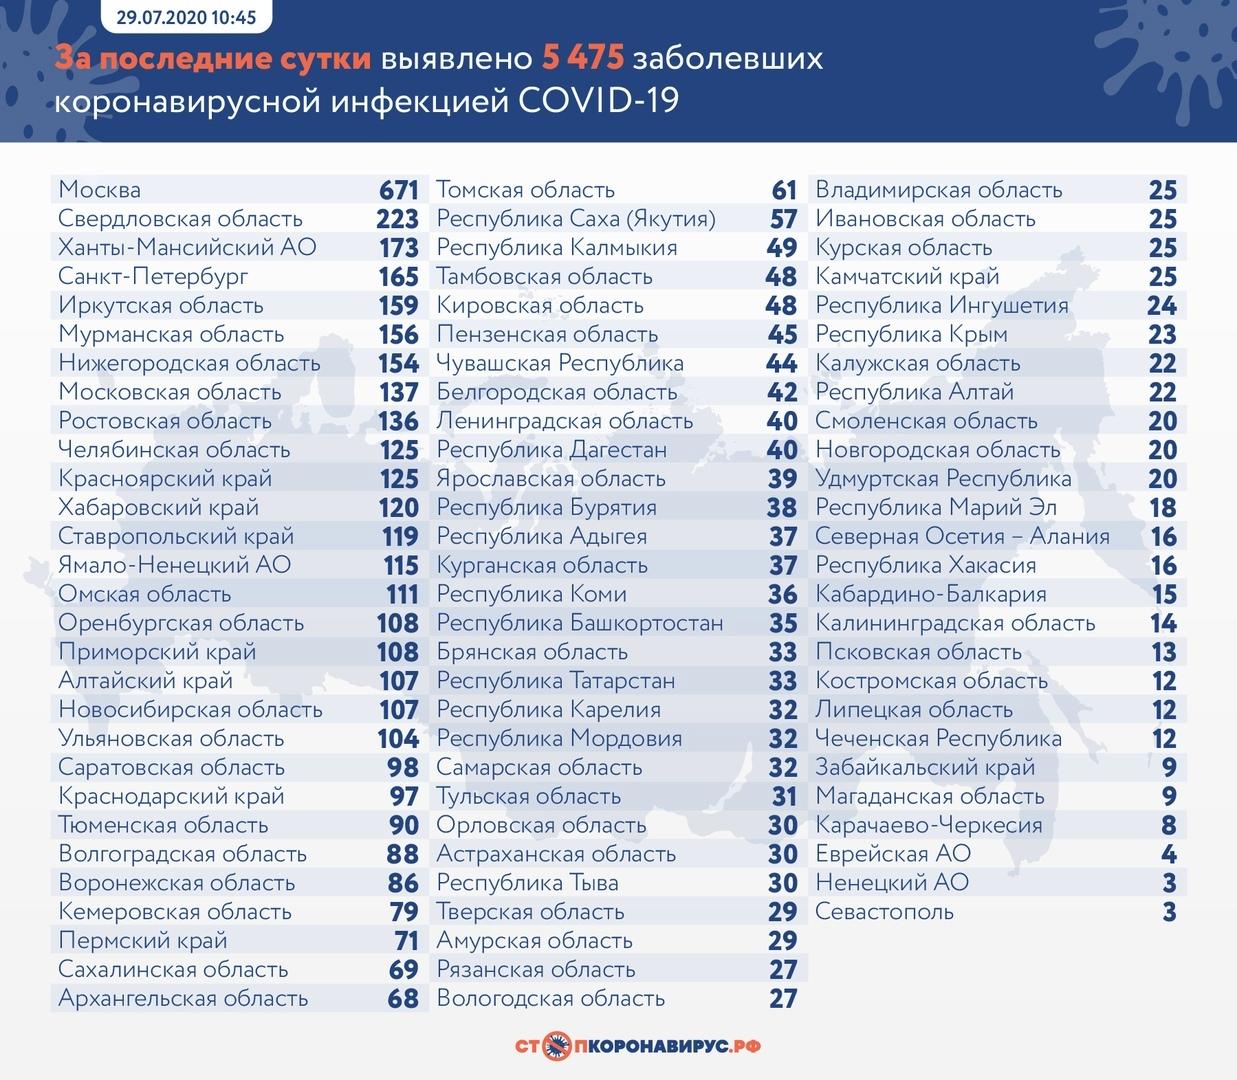 сколько человек заболело коронавирусом COVID-19 в России